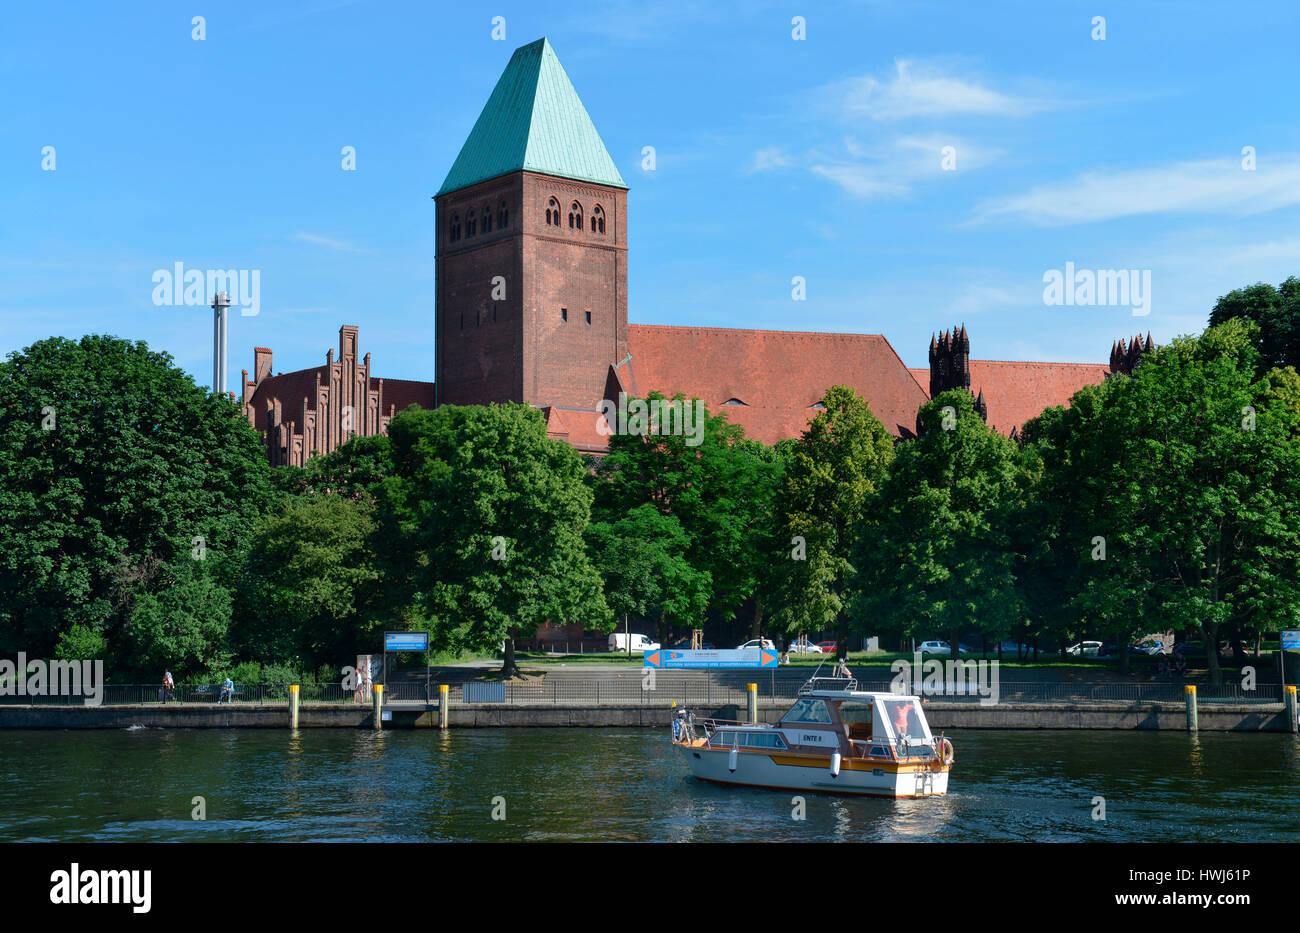 Maerkisches Museum, Am Koellnischen Park, Mitte, Berlin, Deutschland, Märkisches Museum Stock Photo